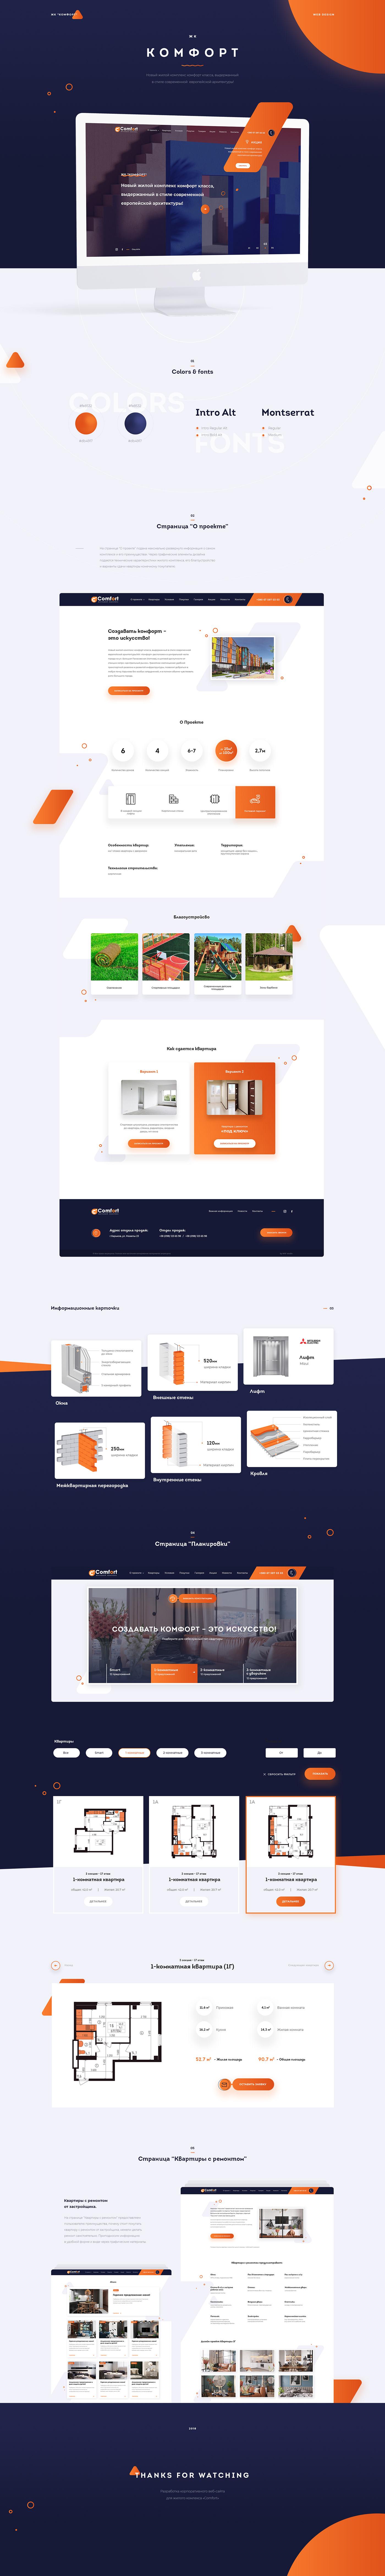 Web ux UI design corporate prototype